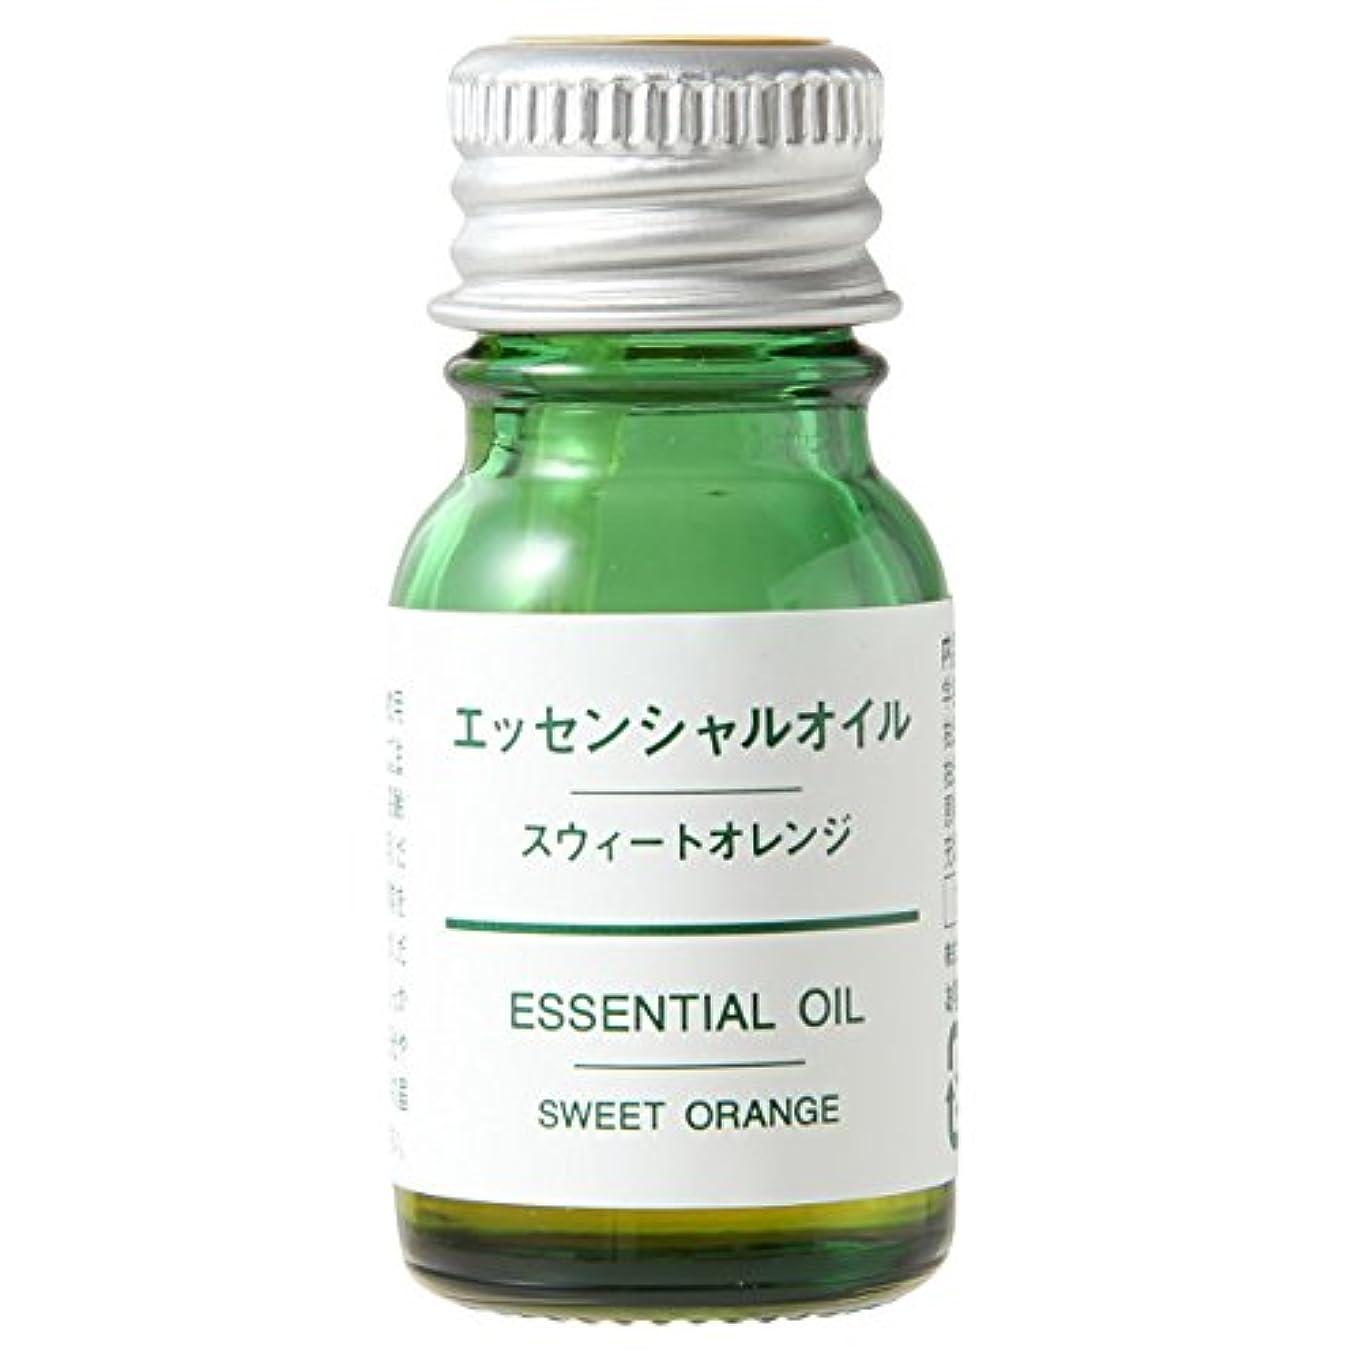 セメントアコーどう?無印良品 エッセンシャルオイル・スウィートオレンジ (新)10ml